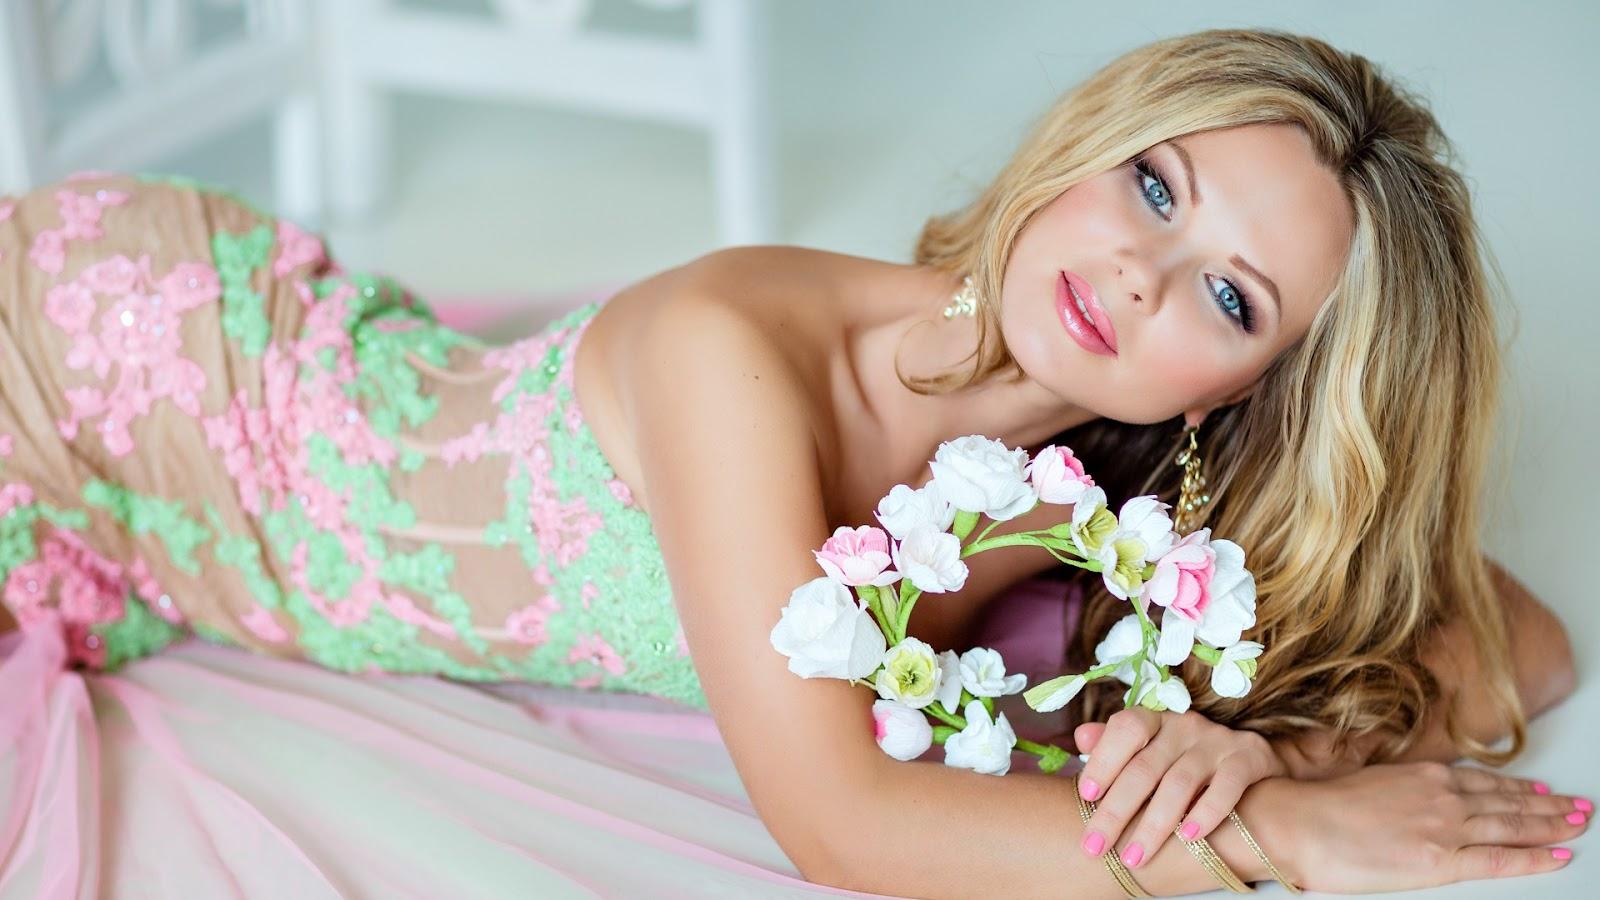 Просто красивые девушки на фото блондинки 16 фотография